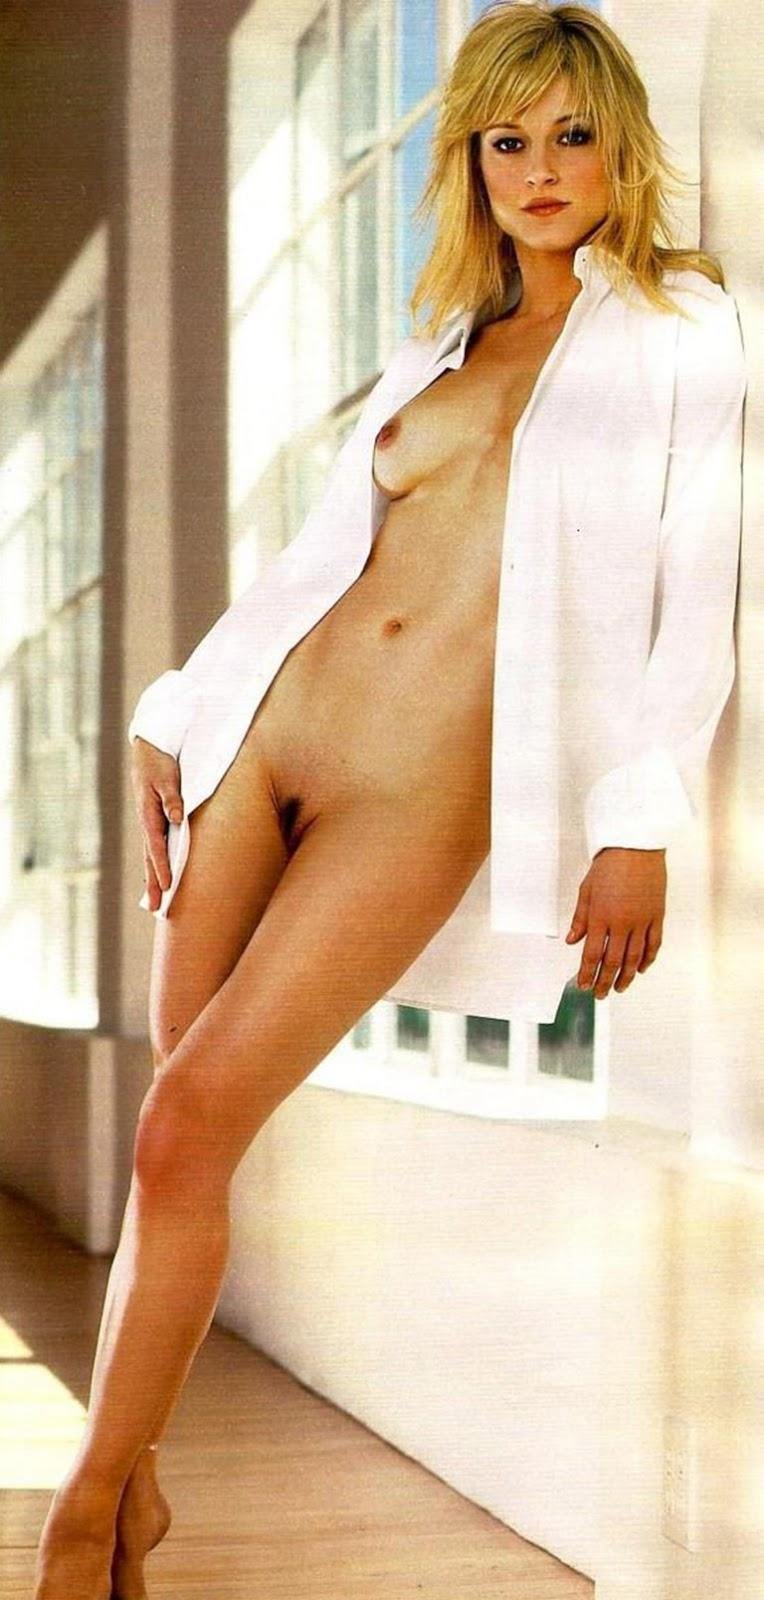 Vdeos porno Teri Polo Nude In Playboy Pornhubcom